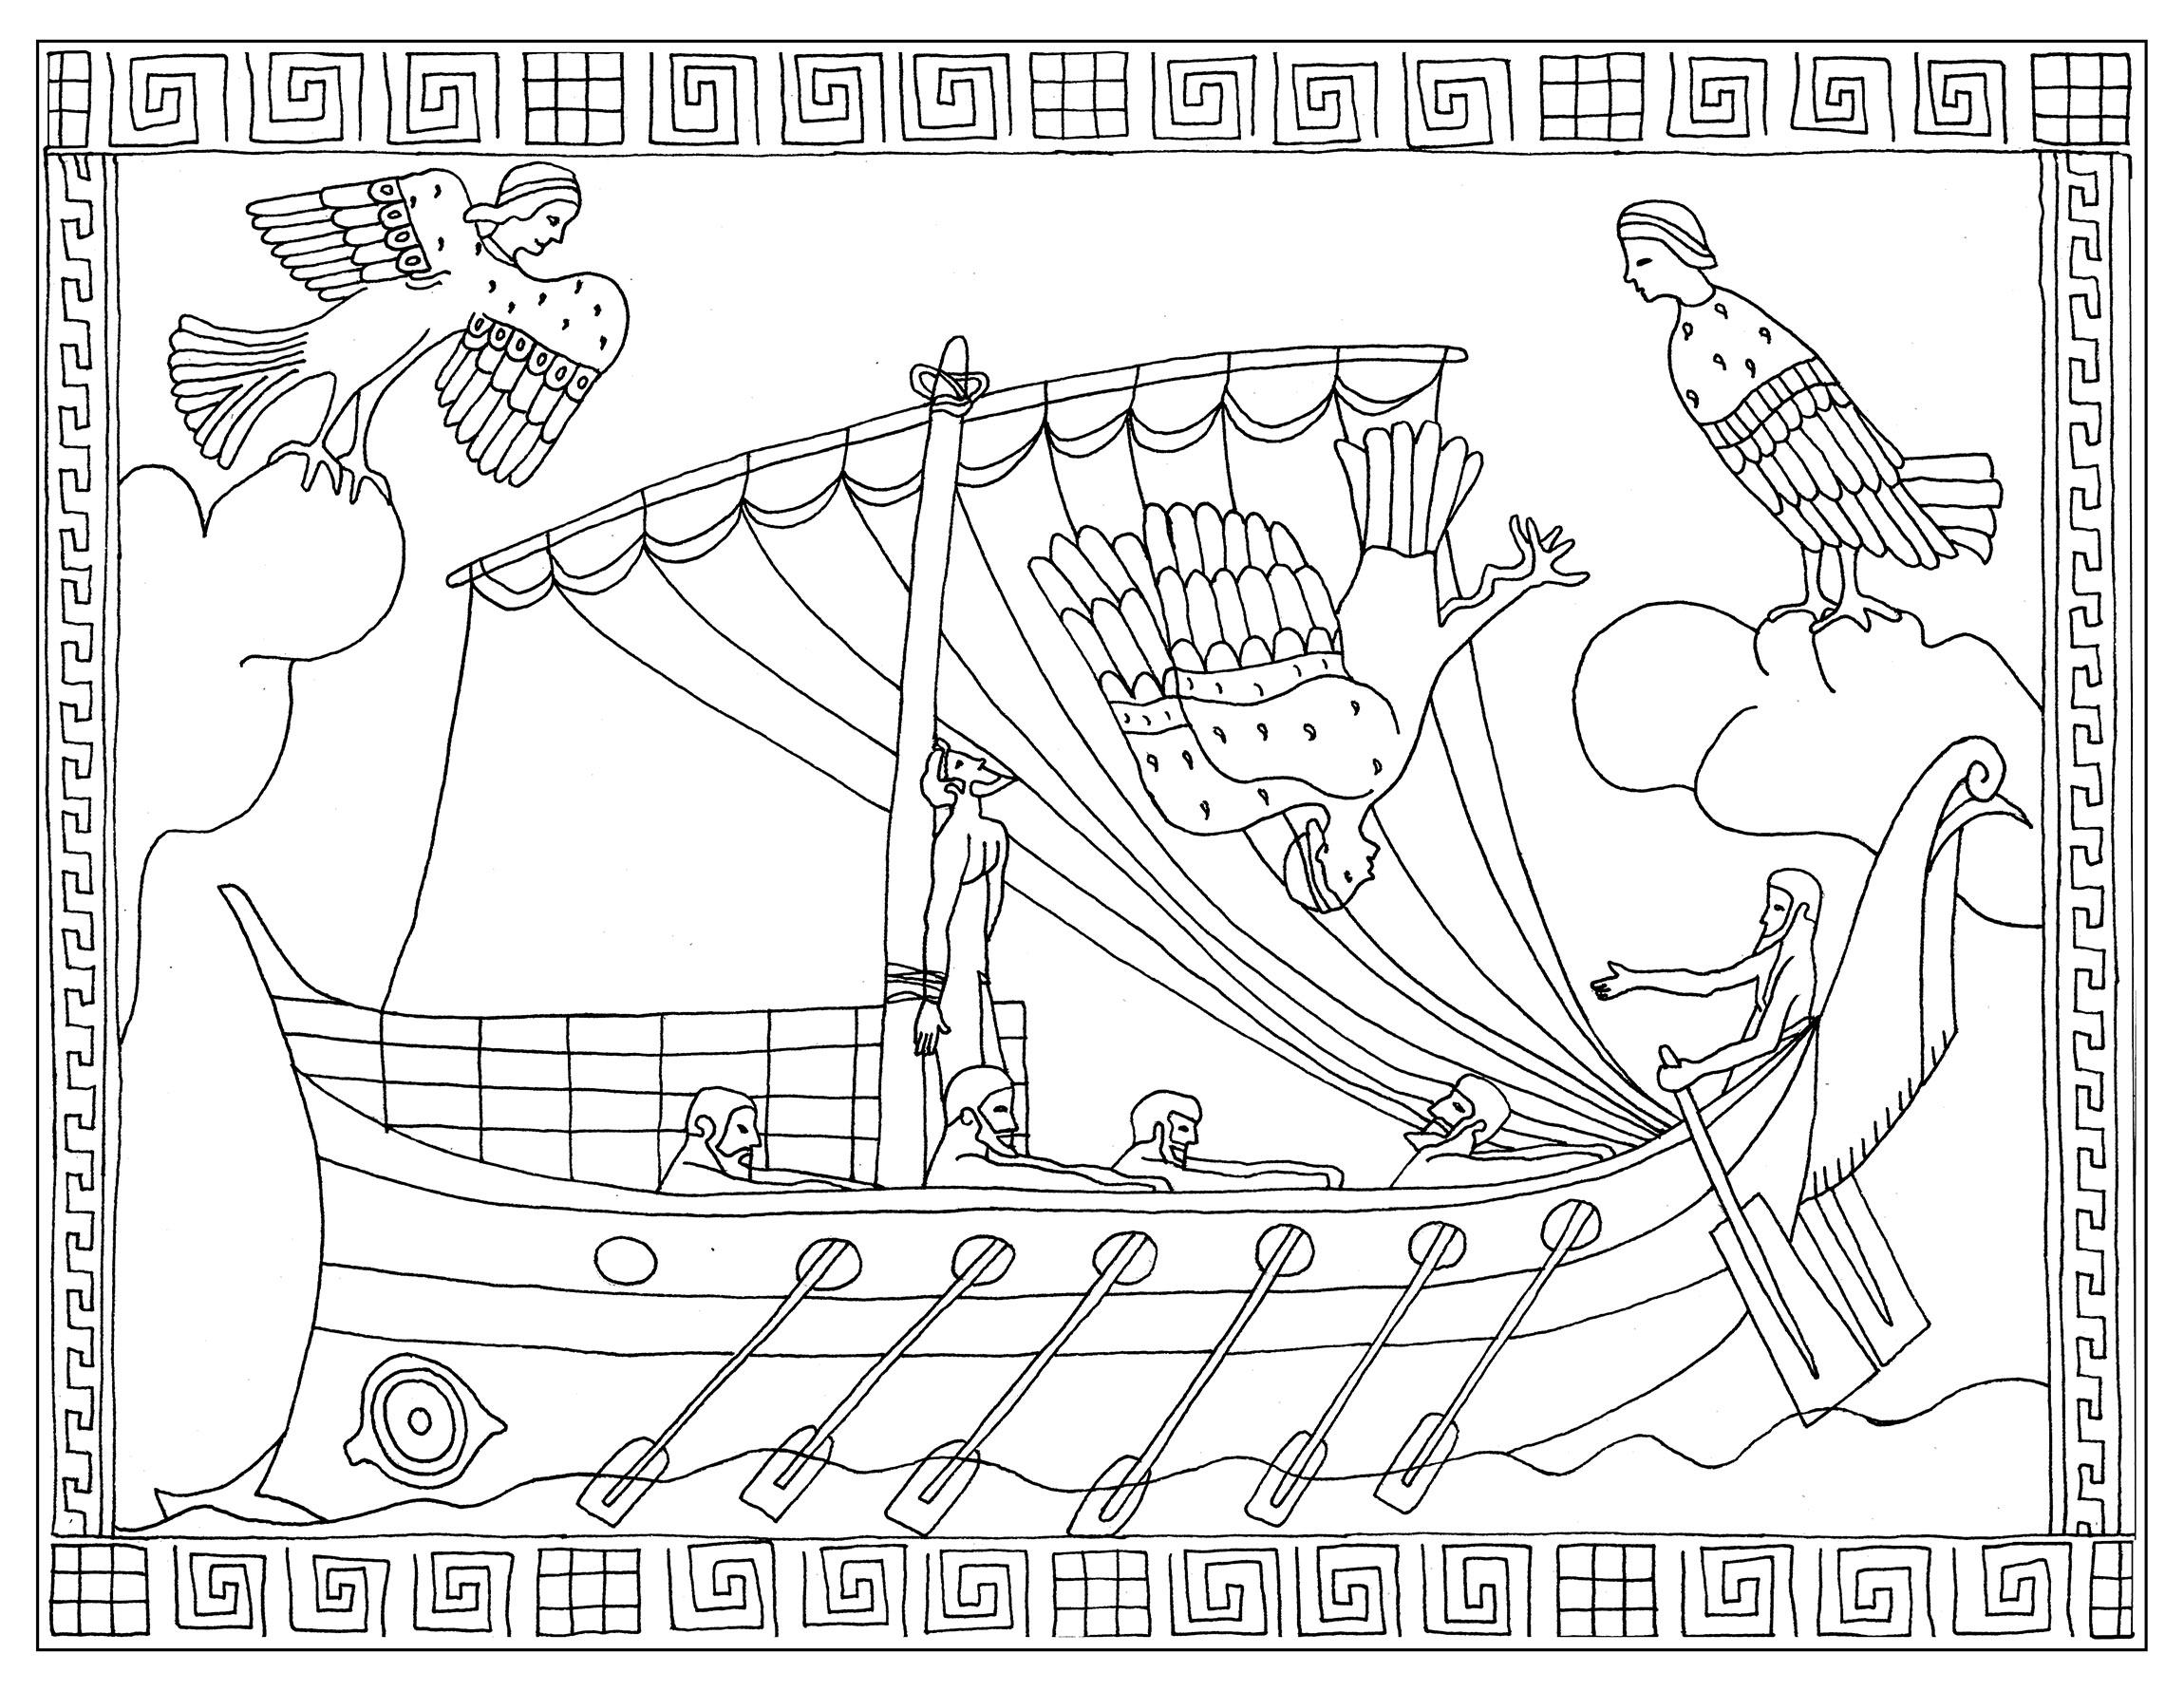 Coloriage inspiré d'un vase représentant l'épisode d'Ulysse et les sirènes Stamnos (L'Odyssée de Homère)A partir de la galerie : Mondes AquatiquesArtiste : Marion C